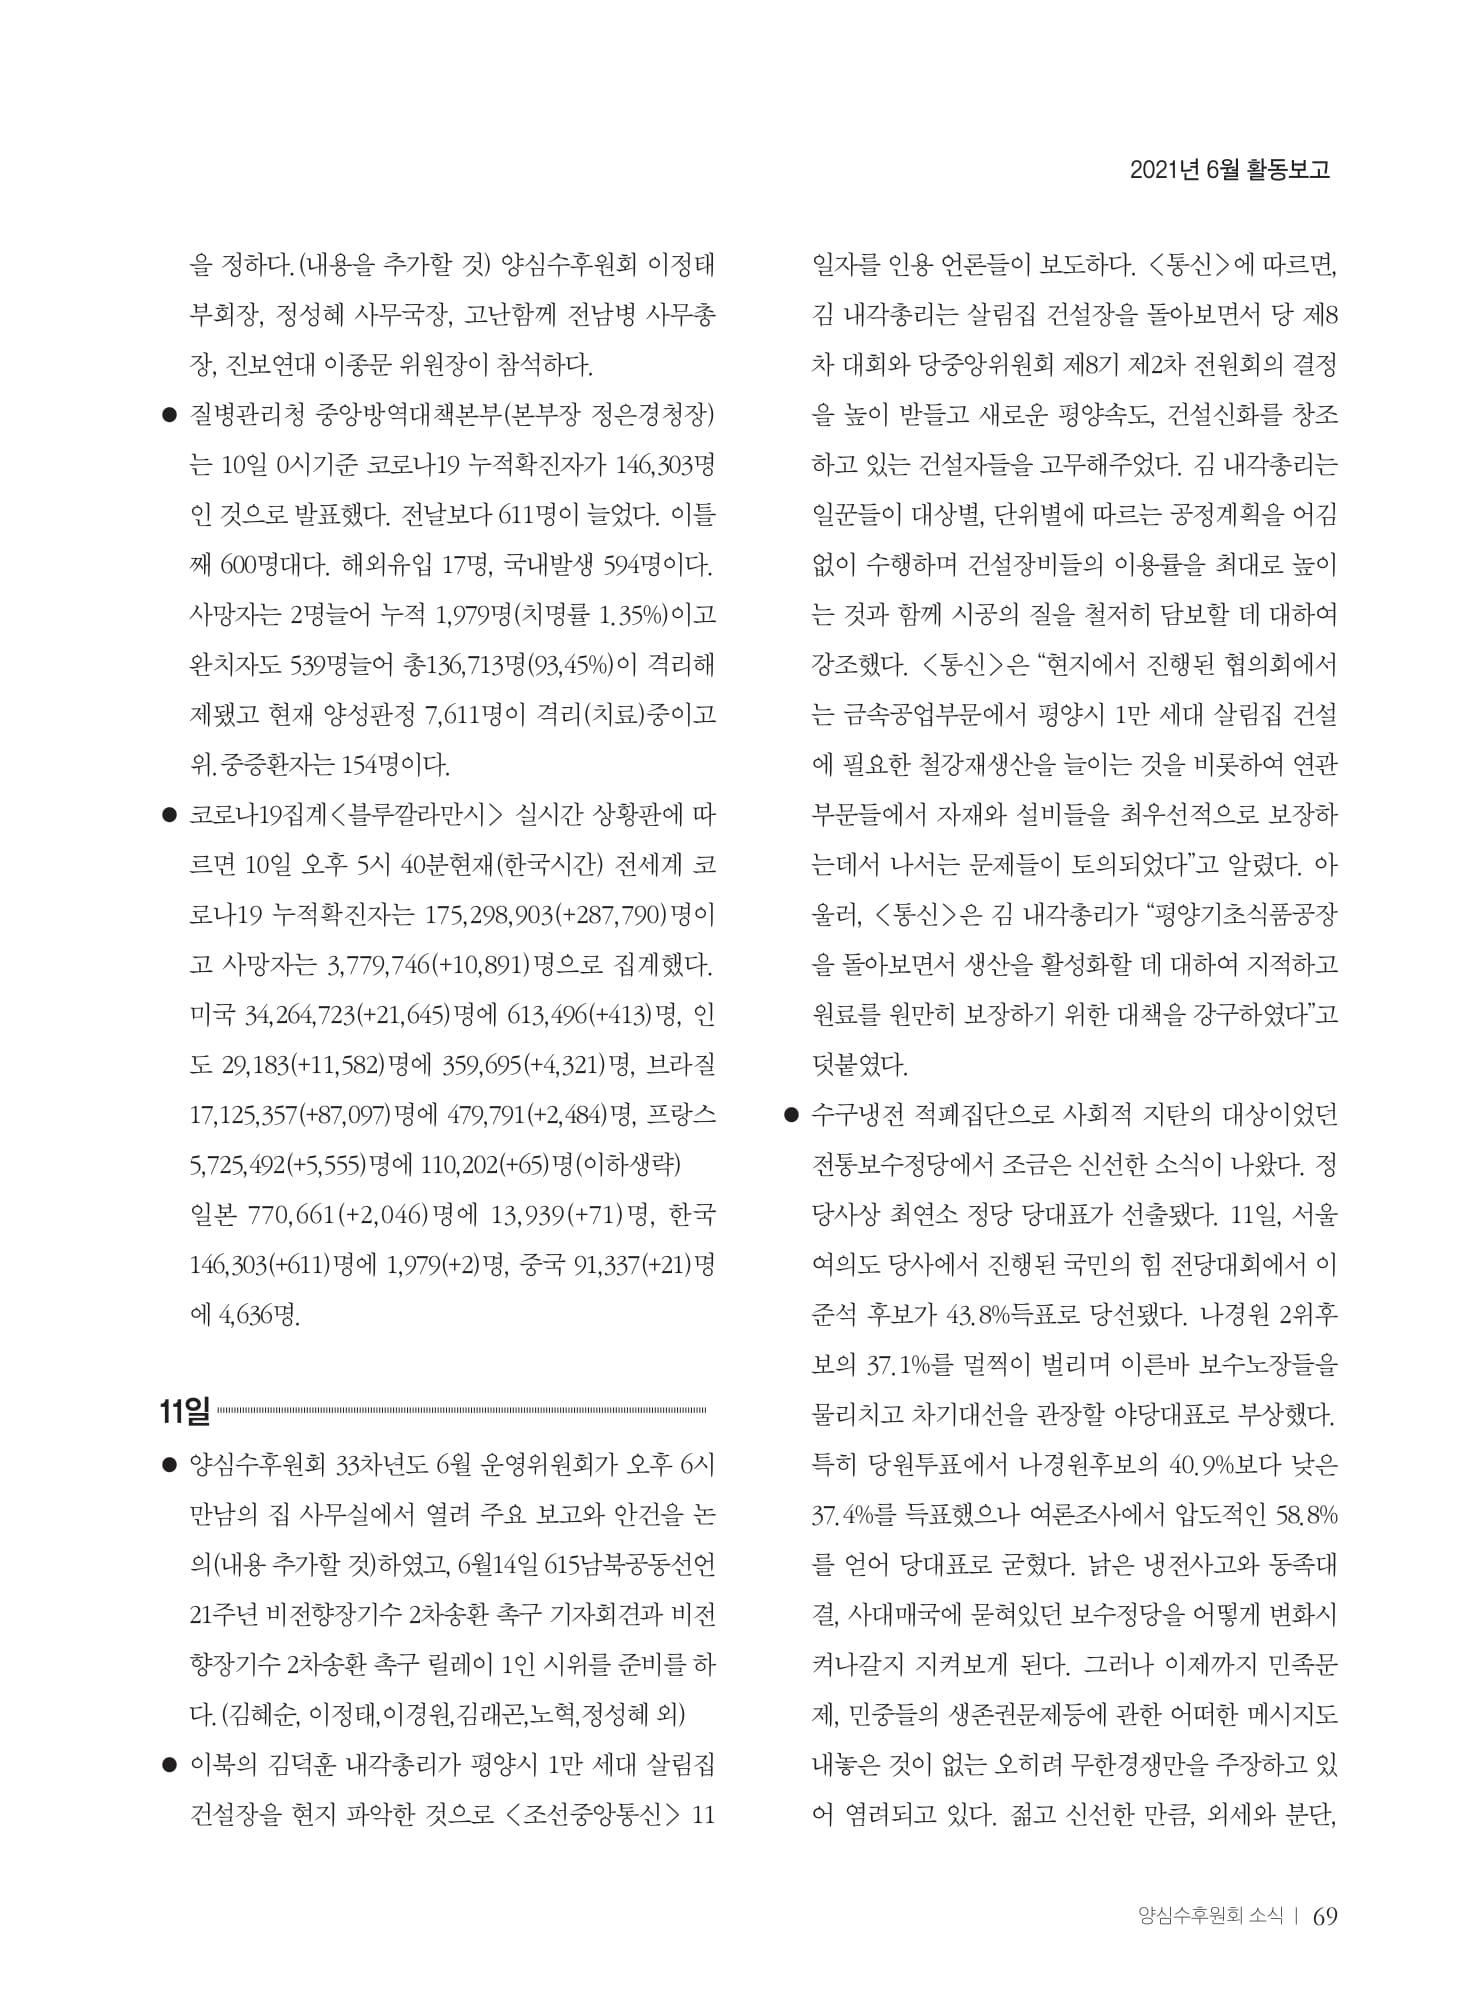 [양심수후원회] 소식지 354호 web 수정-71.jpg